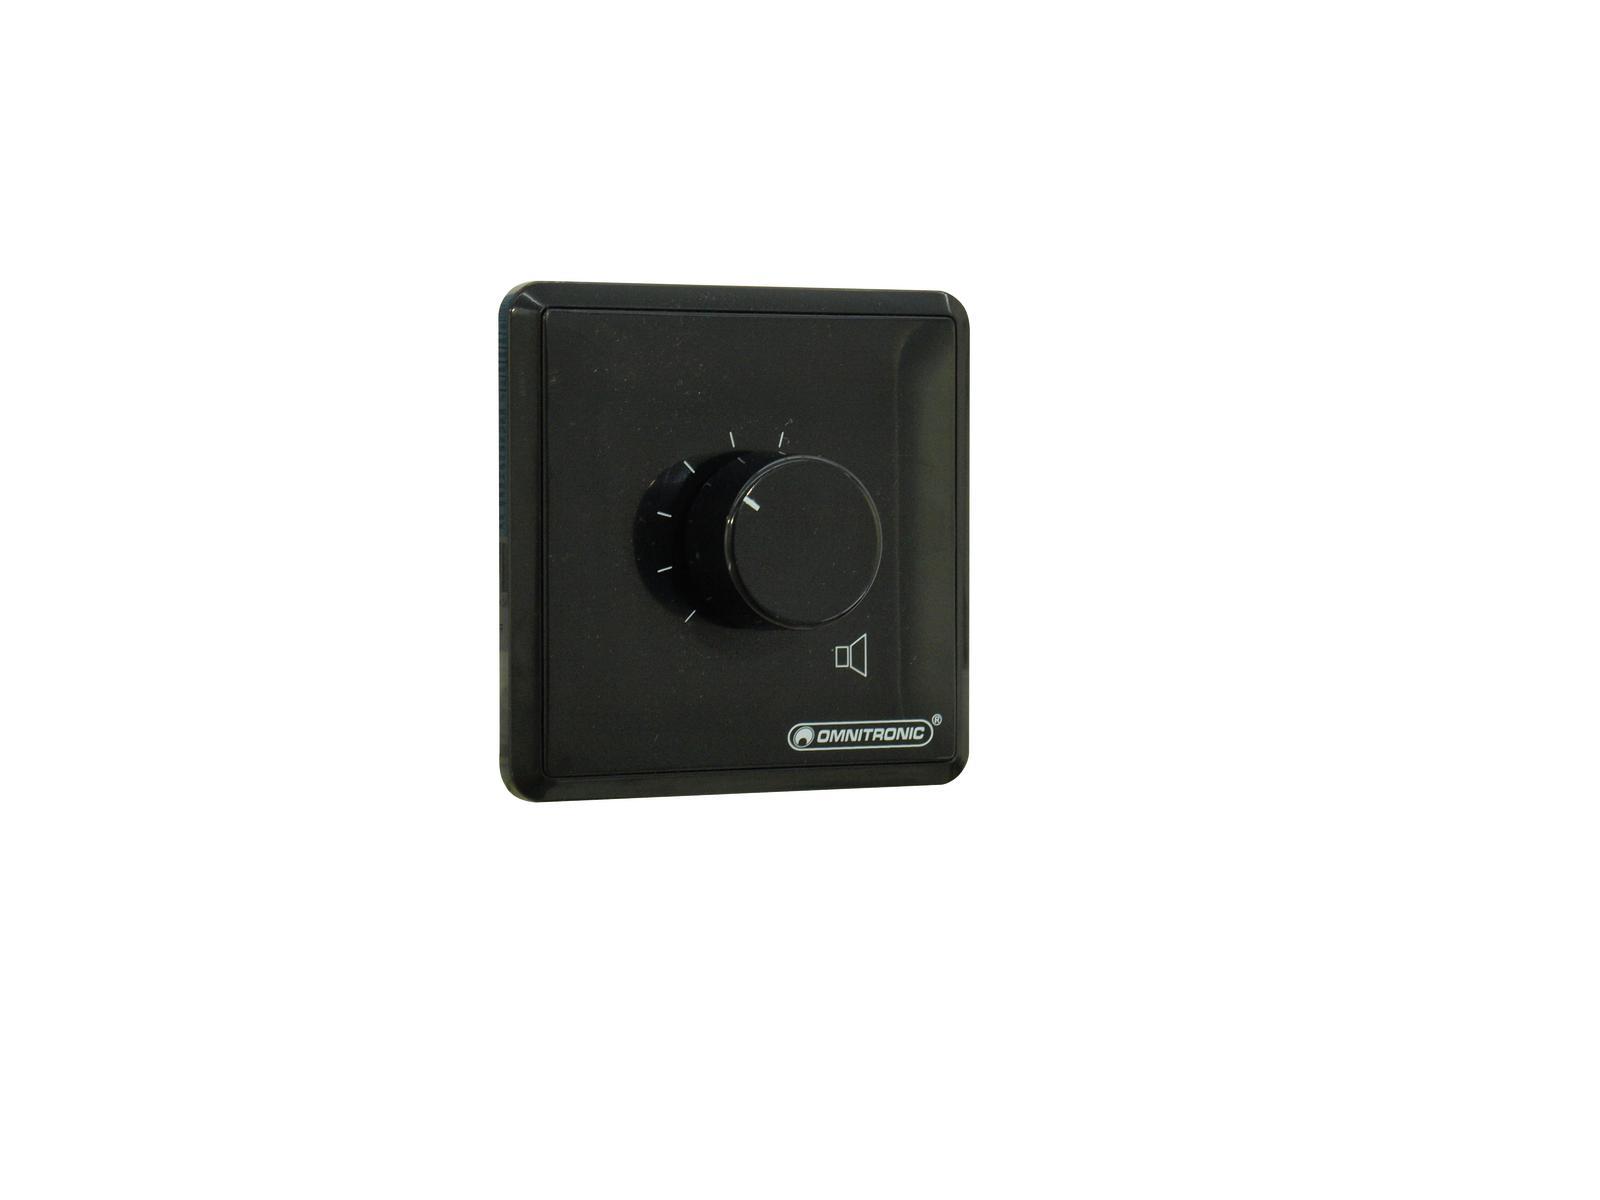 OMNITRONIC PA Regolatore di zona 5 W stereo nero